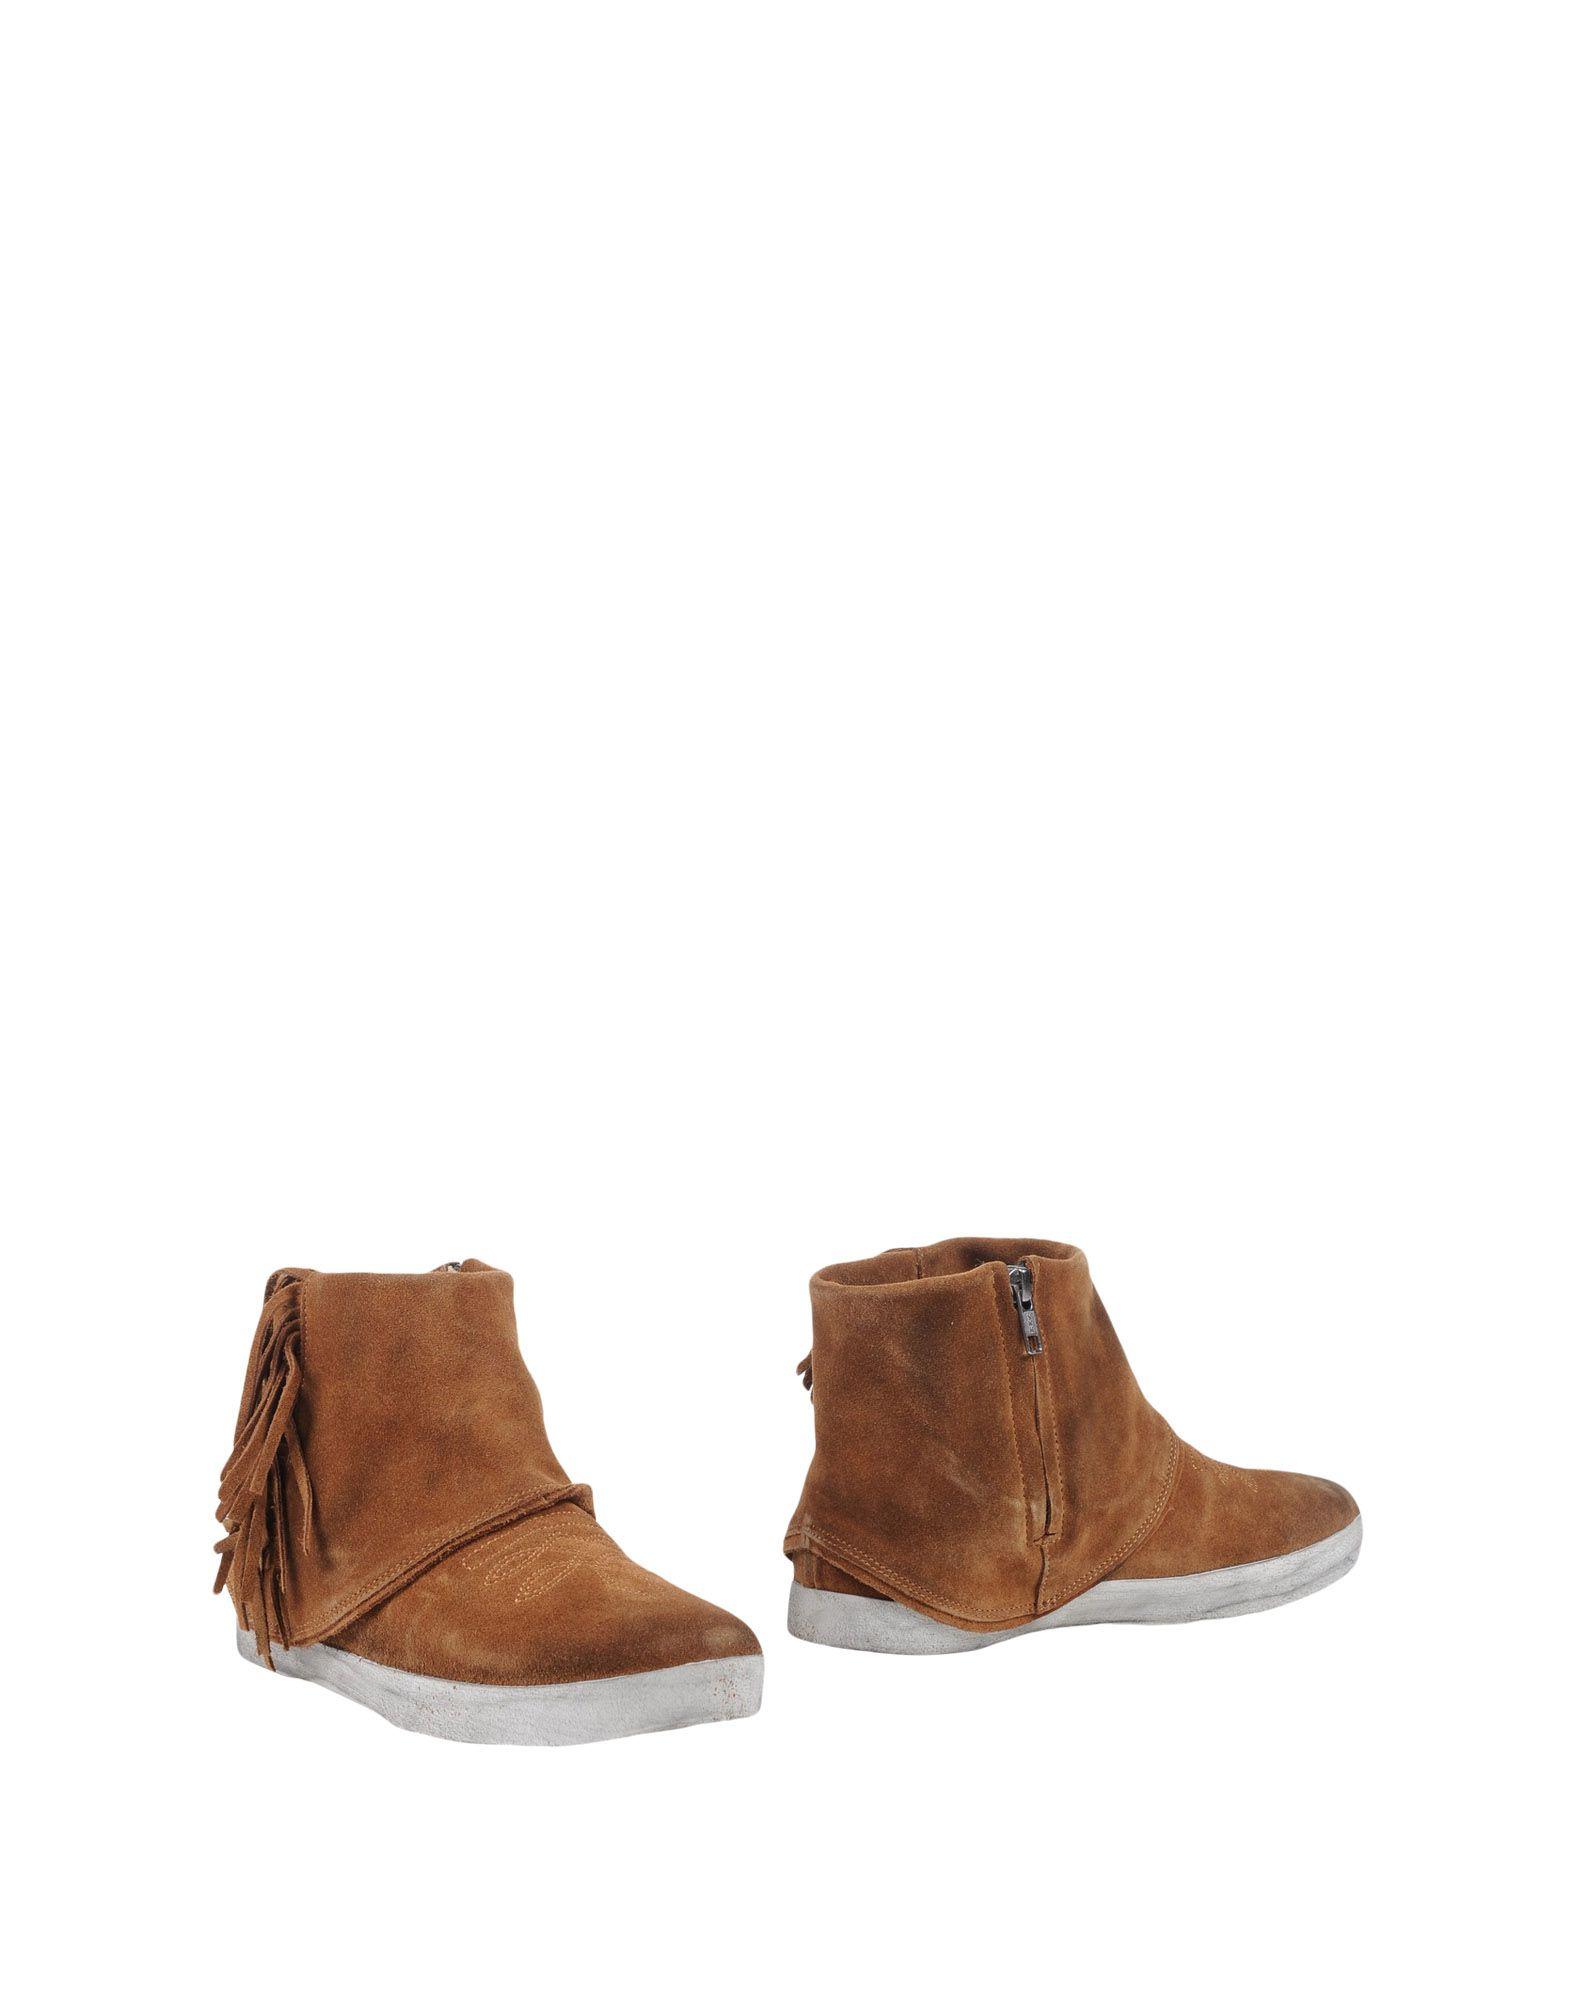 Catarina Martins Stiefelette Damen  11258392WH Gute Qualität beliebte Schuhe